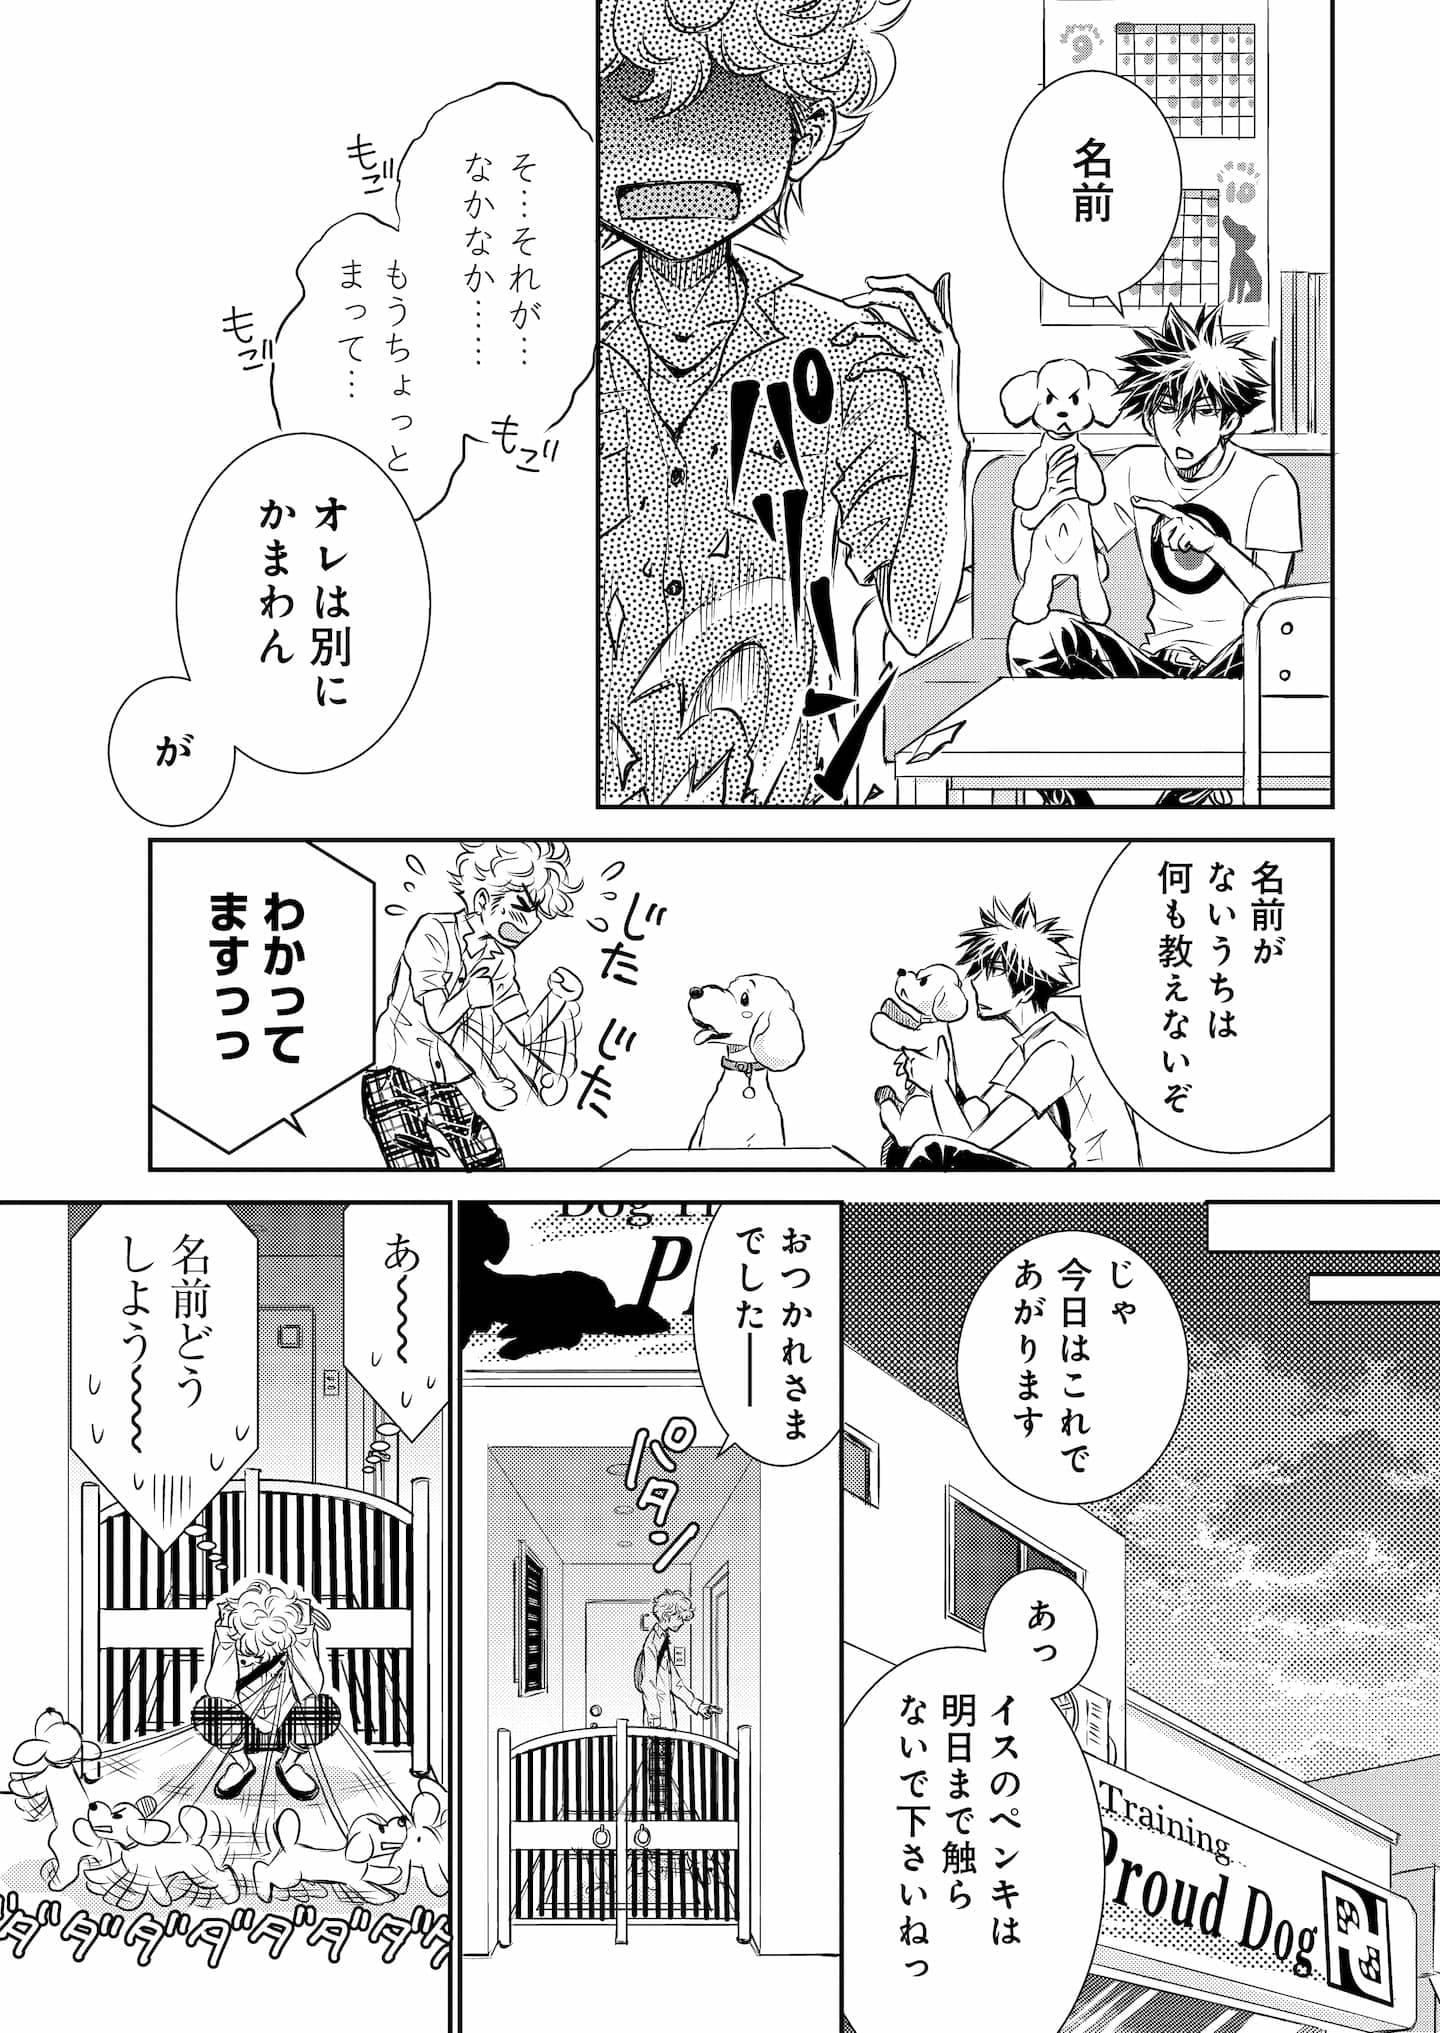 『DOG SIGNAL』3話目② 2ページ目